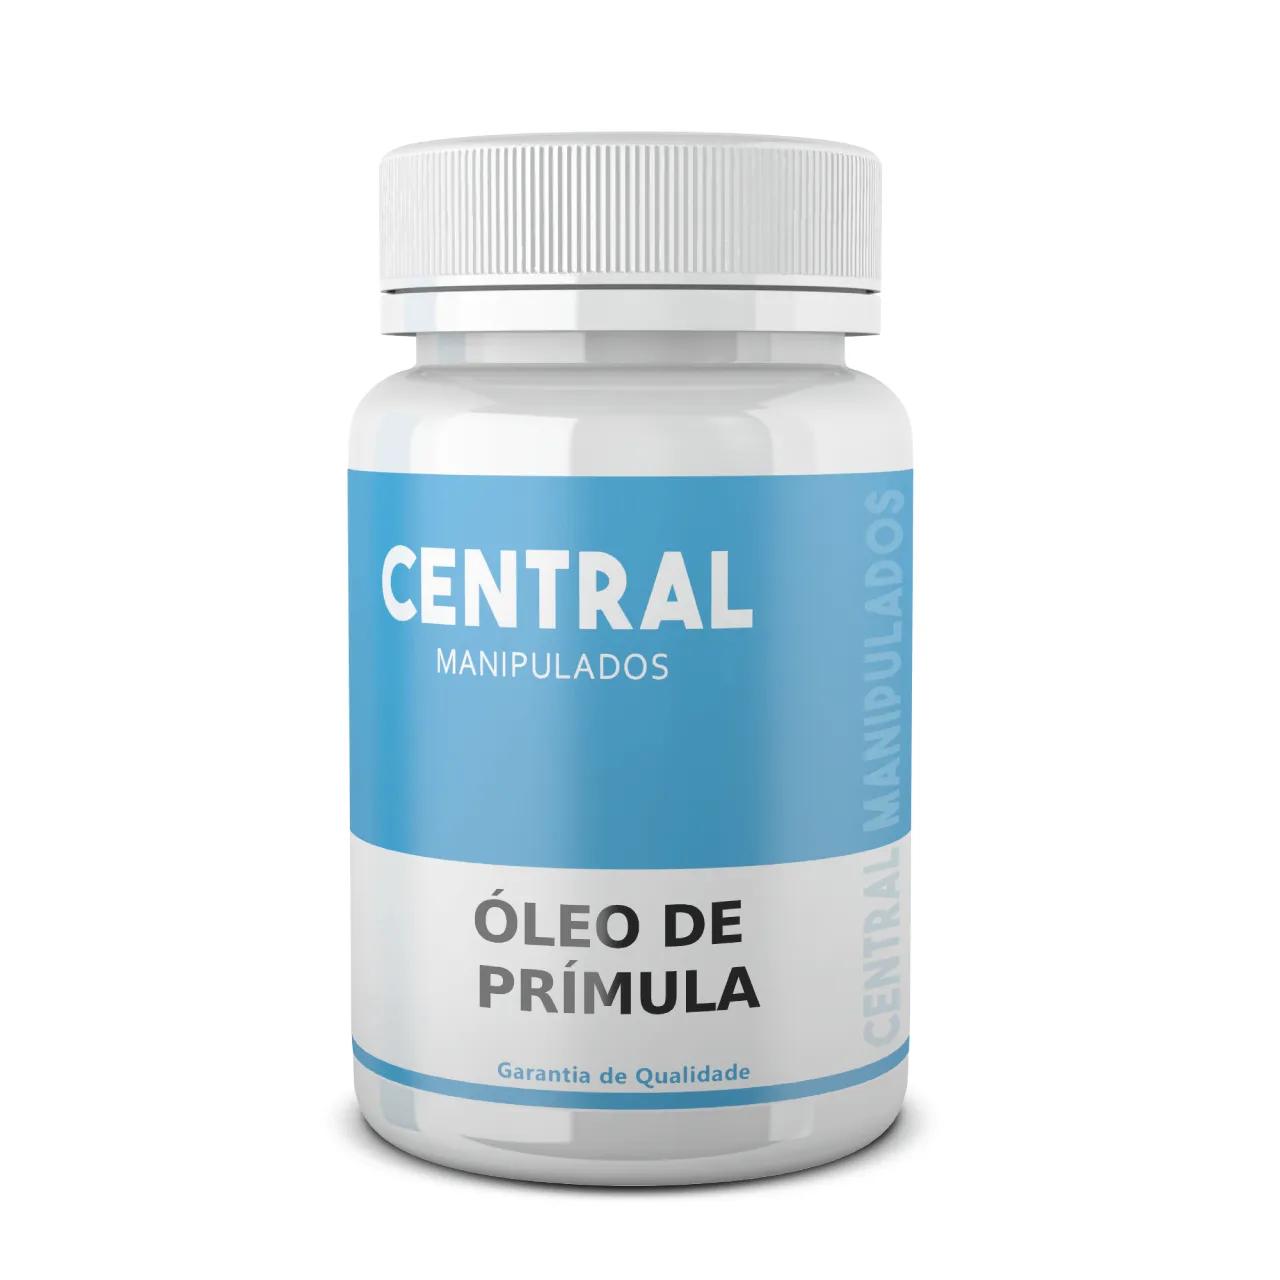 Óleo de Prímula 500mg - 30 cápsulas - Previne Endurecimento das Artérias, Doença Cardiovascular e Pressão Alta, Dimininui Colesterol